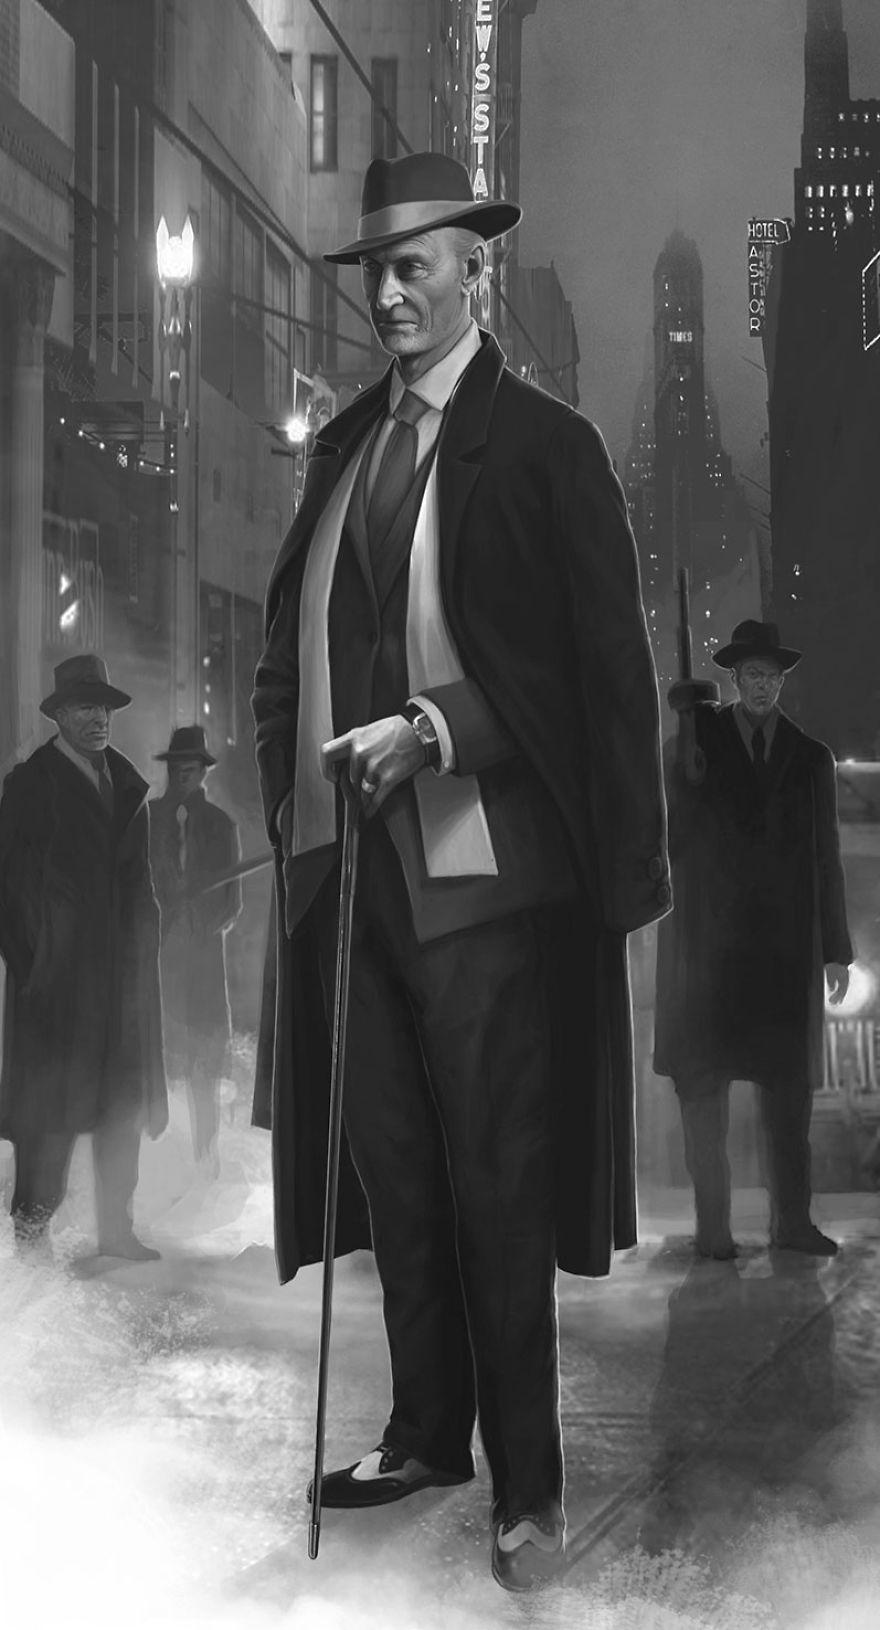 game-of-thrones-karakterleri-the-godfather-da-olsa-nasıl-görünürdü-5-filmloverss